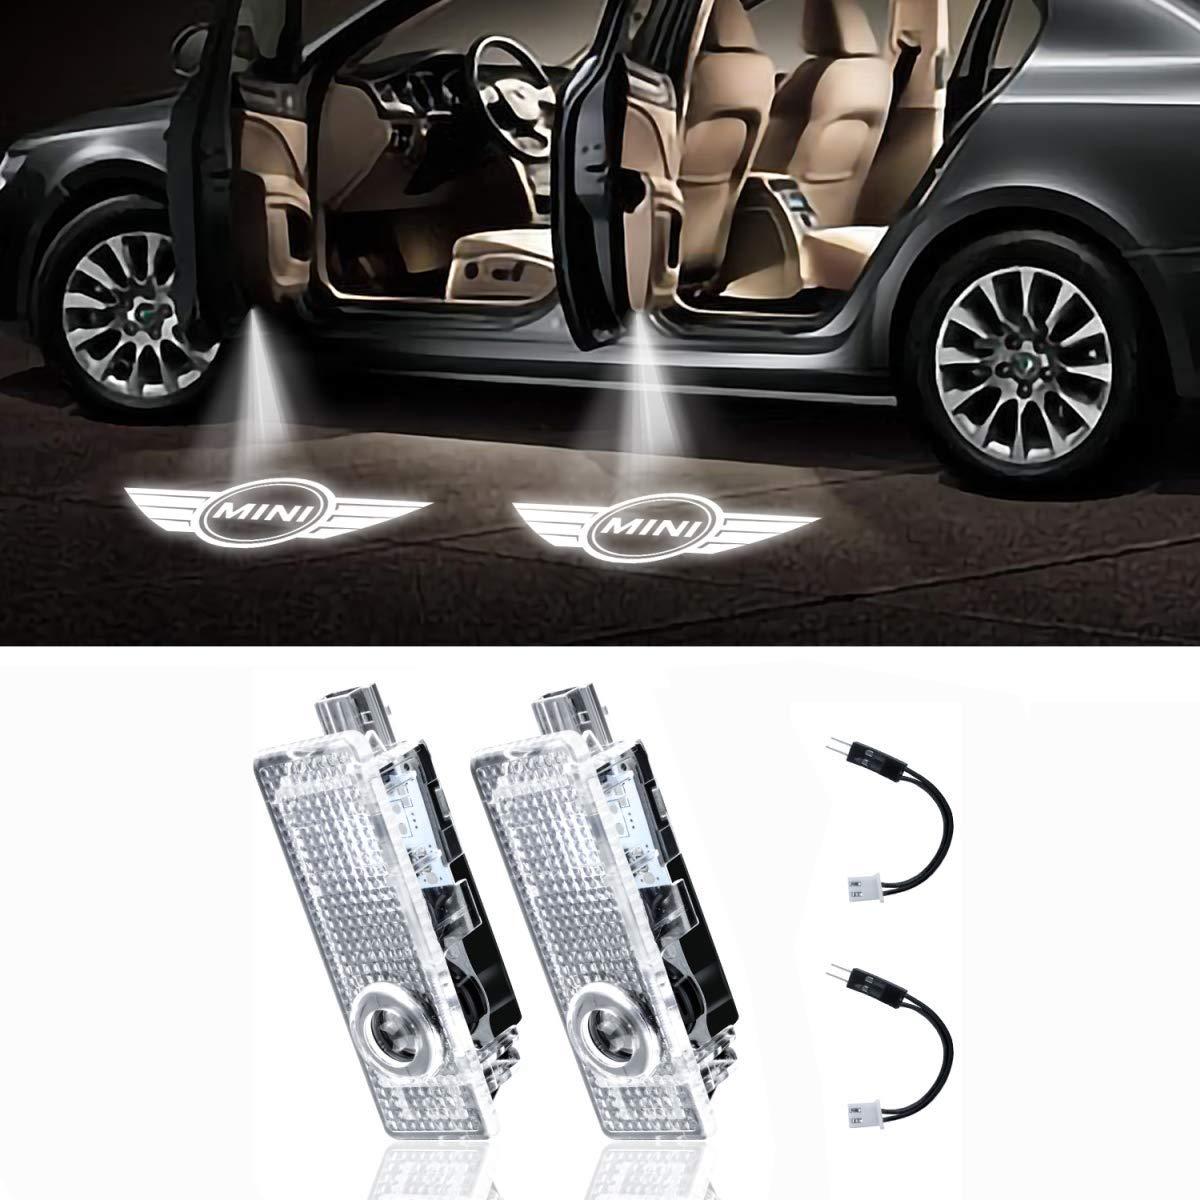 Luce per portiera auto 4 Pezzi auto di benvenuto del portello di cortesia proiettore di luce di marchio dellombra 3D Lampade for Mini Cooper One S R55 R56 R60 F55 F56 Countryman Clubman